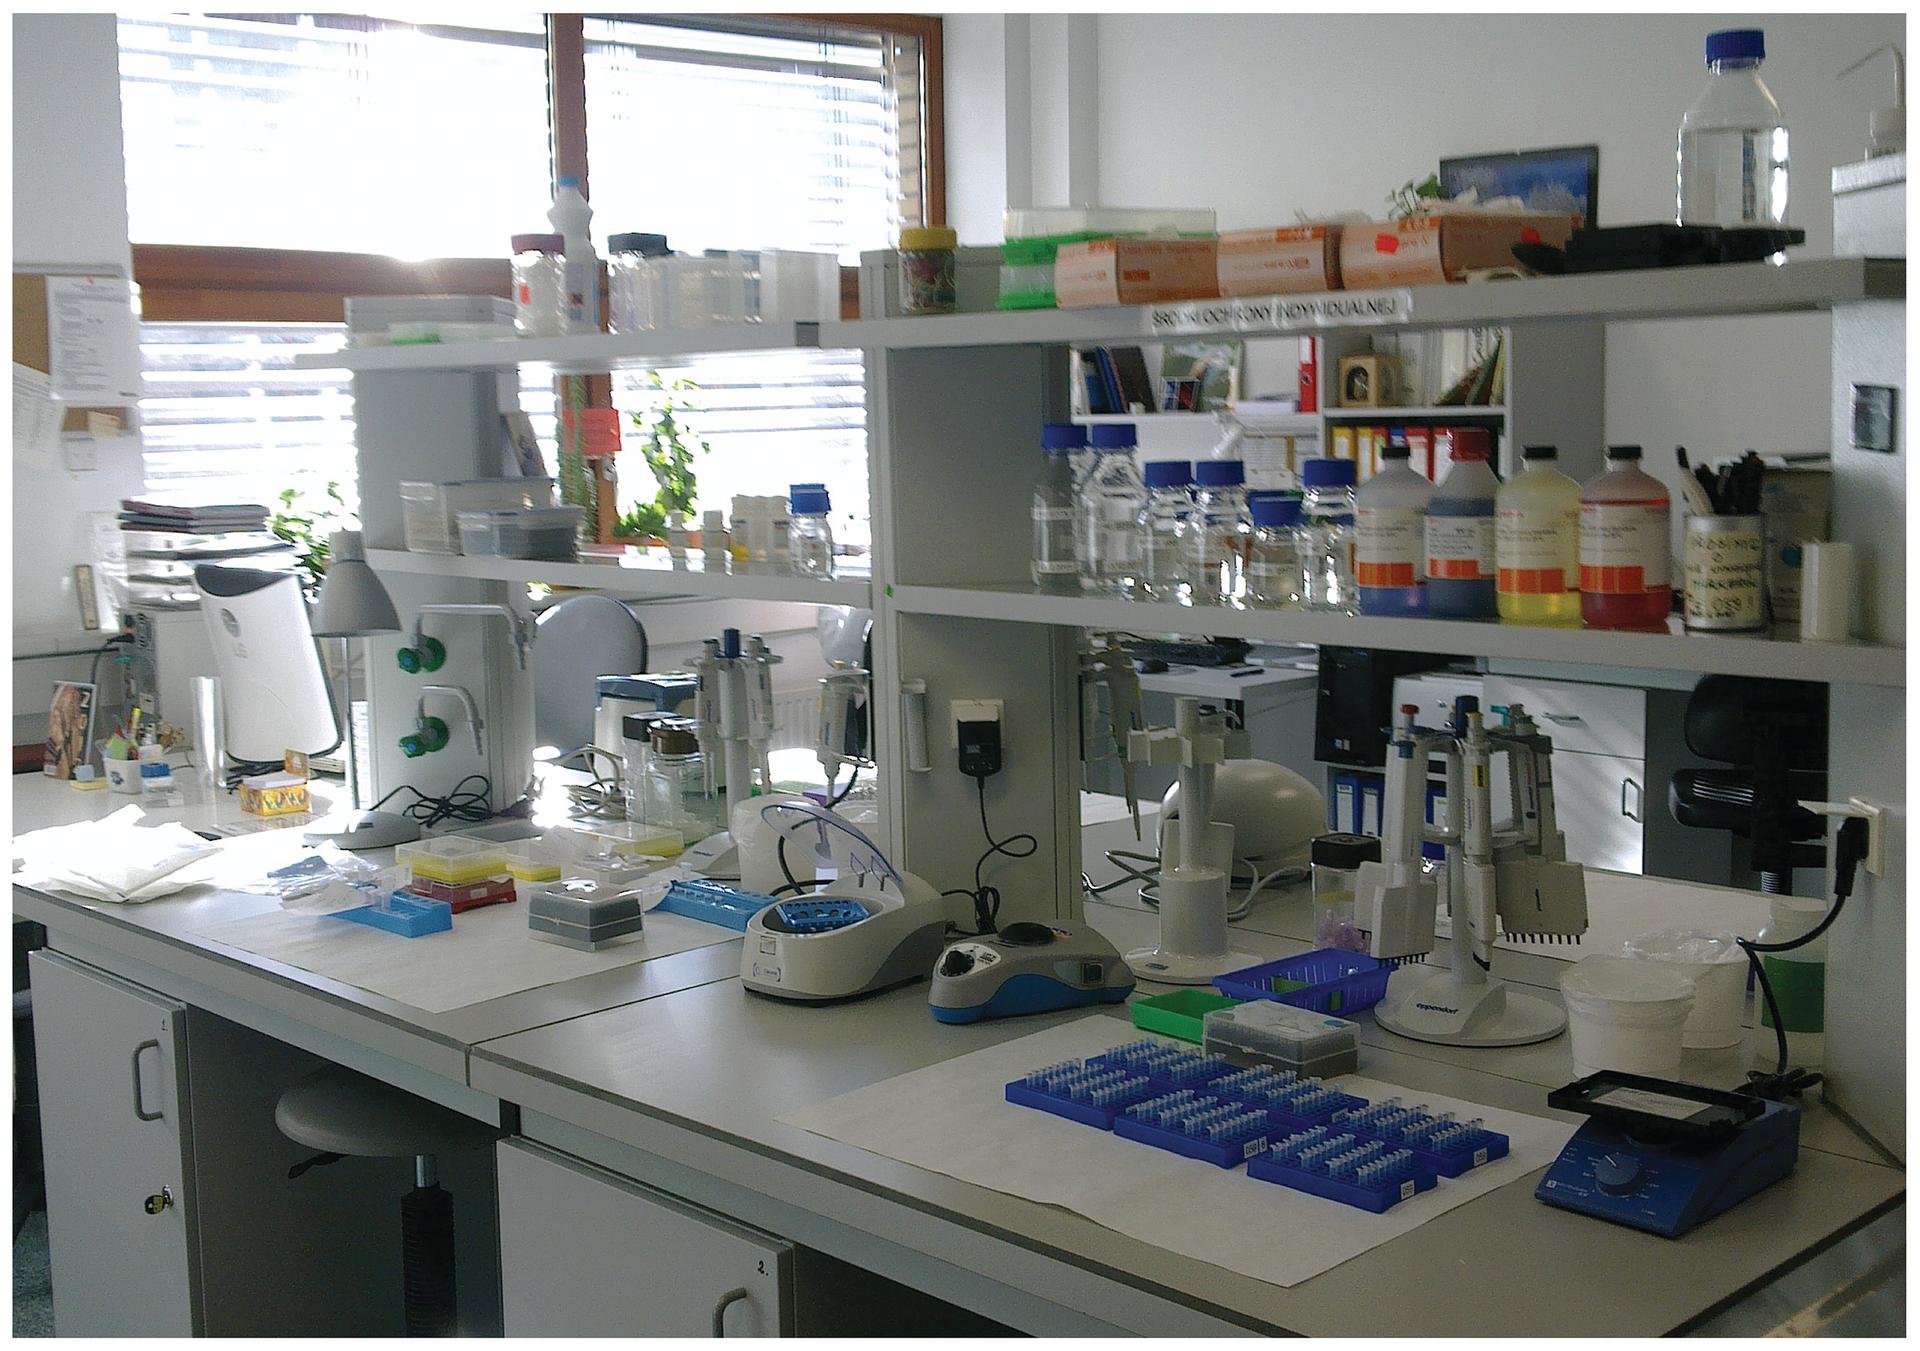 Fotografia przedstawia wnętrze laboratorium. Na białych stolikach stoją różne urządzenia badawcze, większość wkolorze szafirowym ibiałym. Na półkach nad nimi umieszczono liczne kolorowe pojemniki zsubstancjami chemicznymi. Bakterie wykorzystuje się wbadaniach genetycznych.